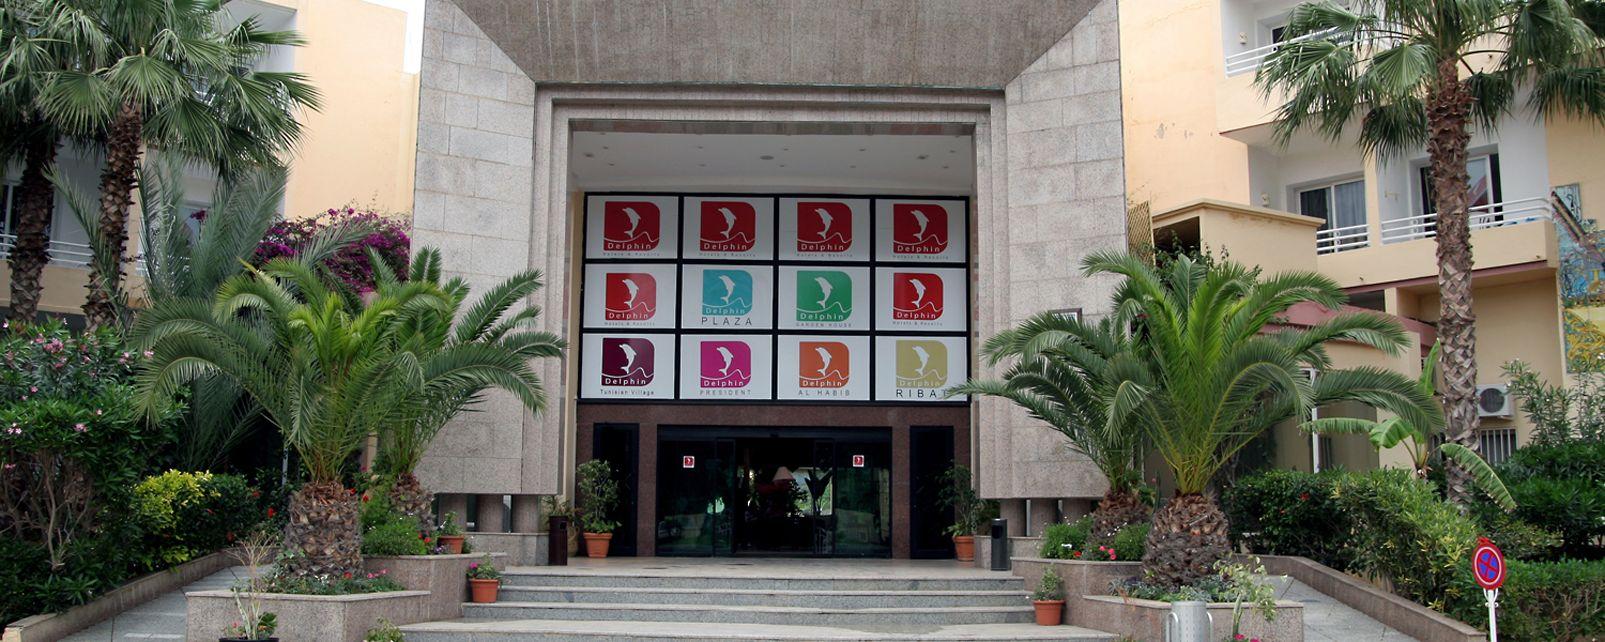 Hotel Delphin Plaza